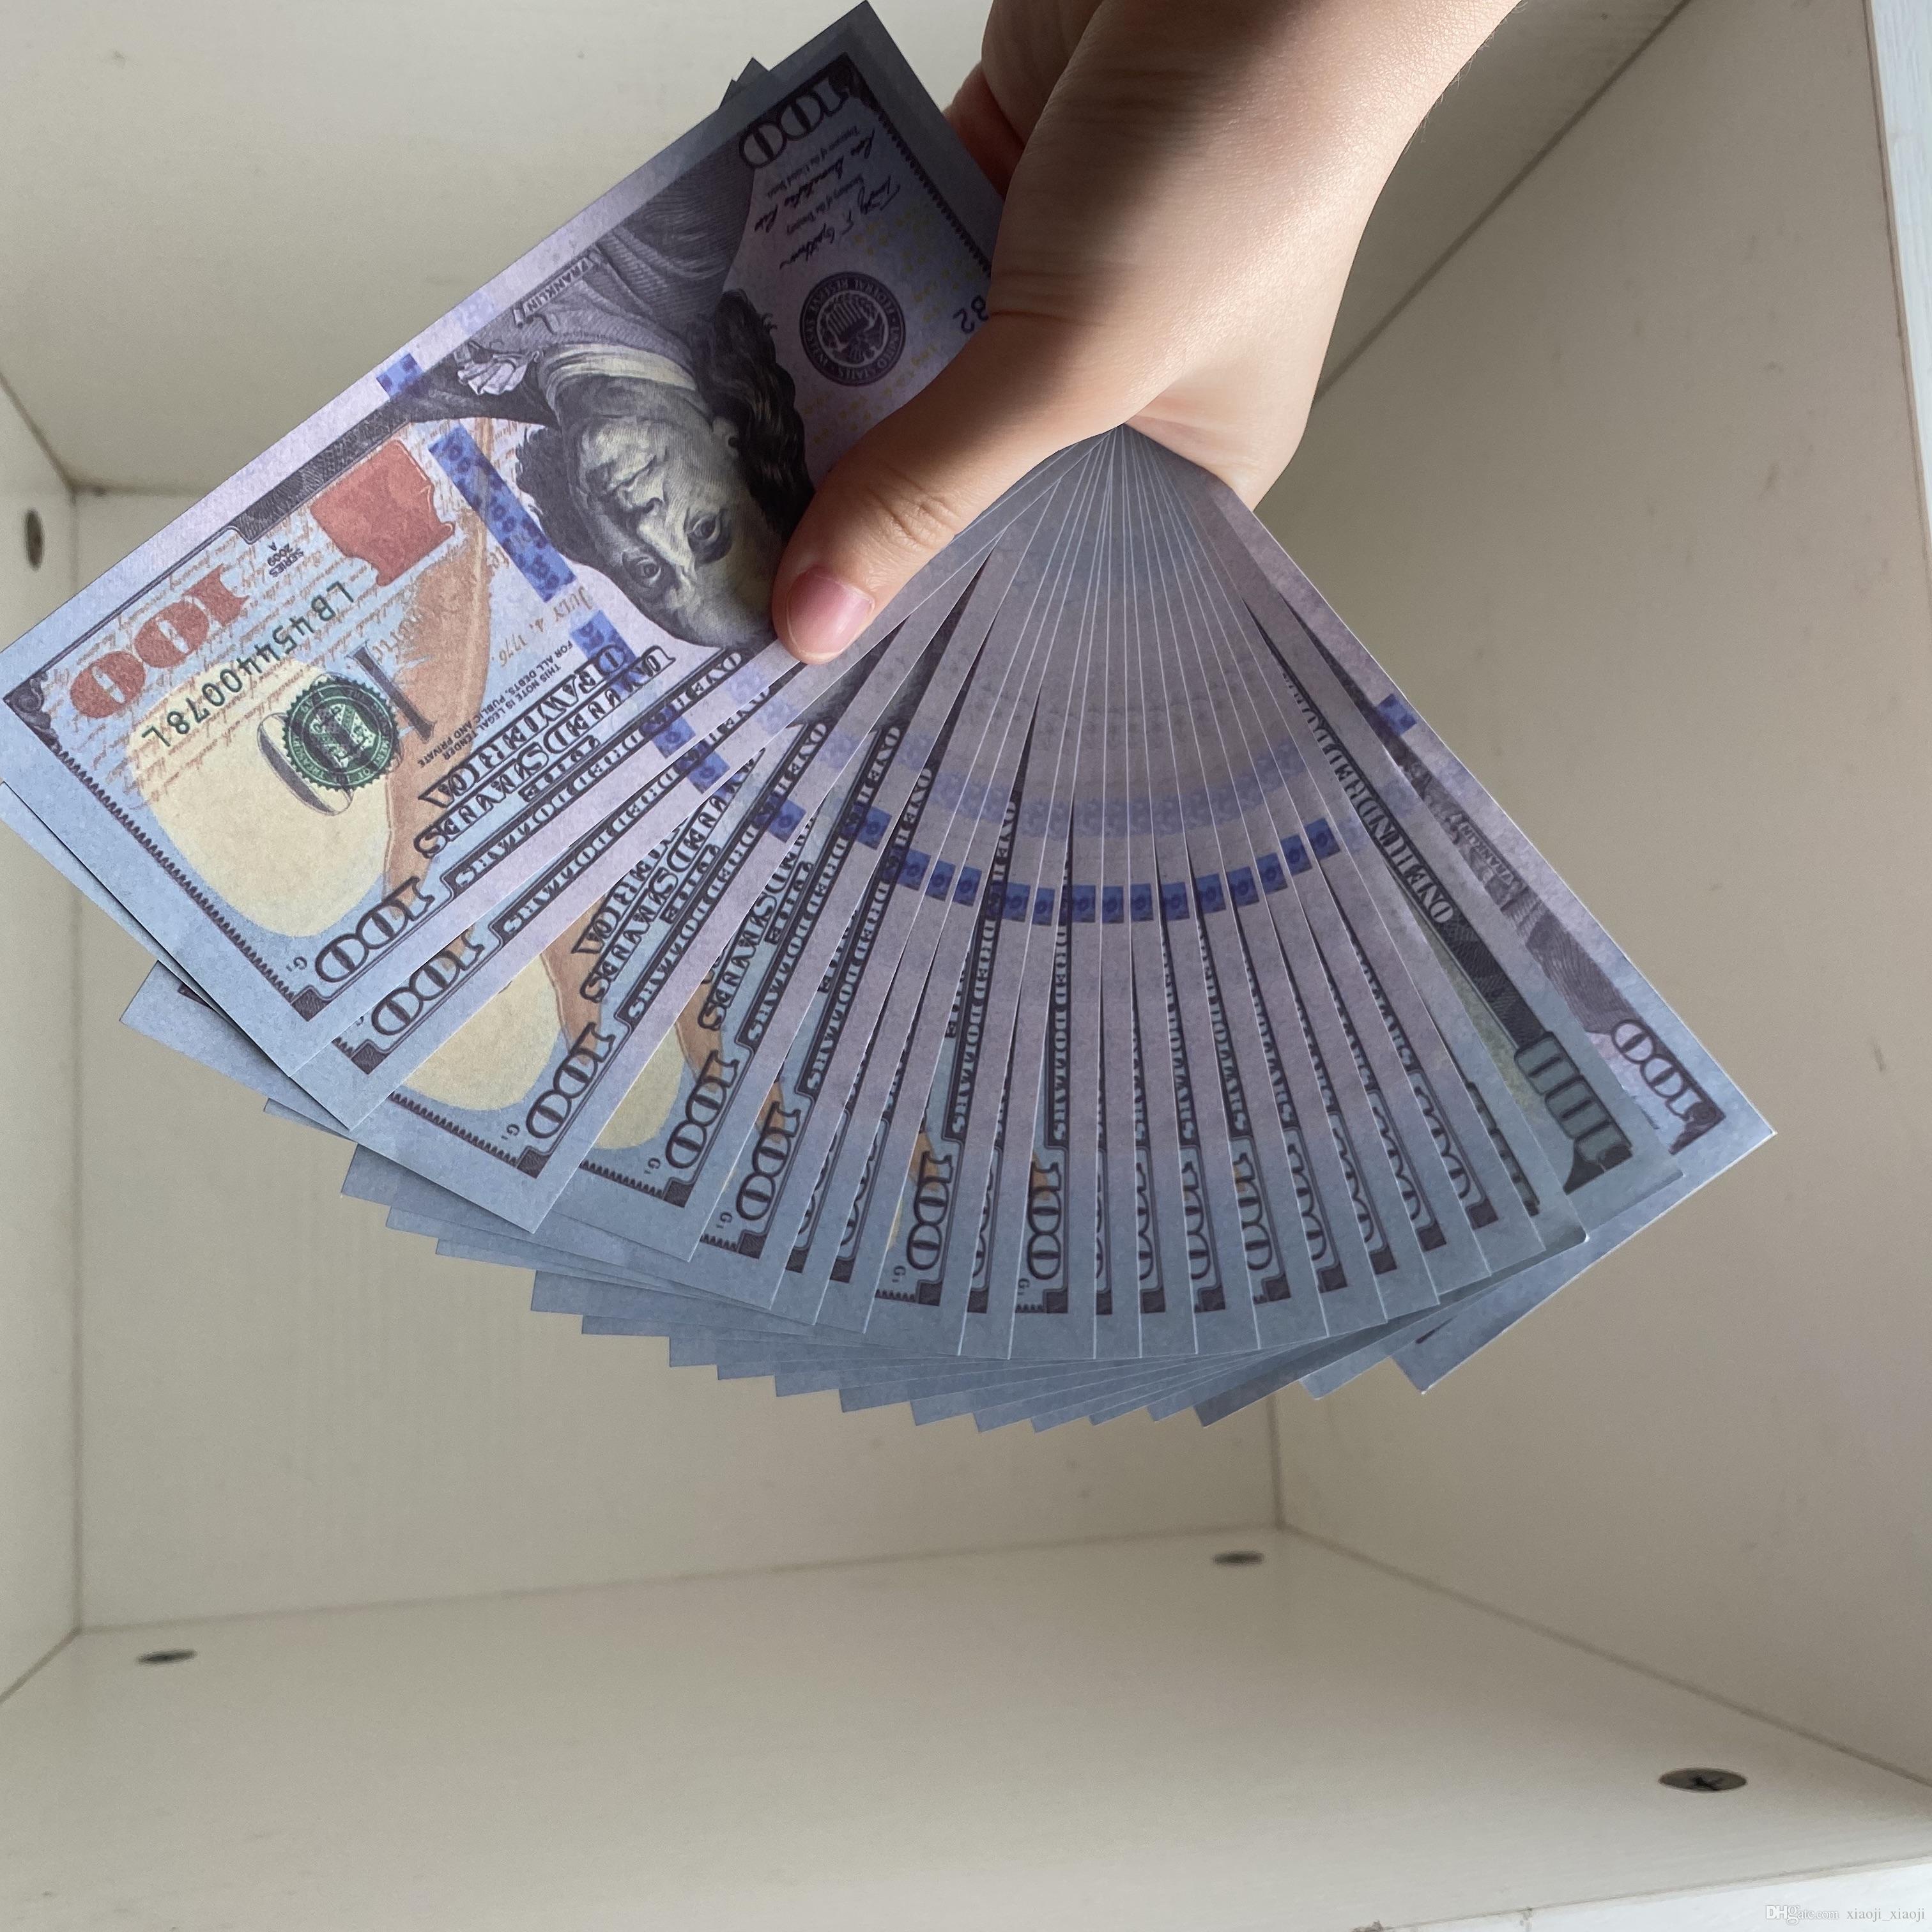 Party Best Children Filmprop Banknote Geld Banknote Geschenk 100 Spielzeug Neue Gefälschte Qualität Dollar 09 Währung FVGWM